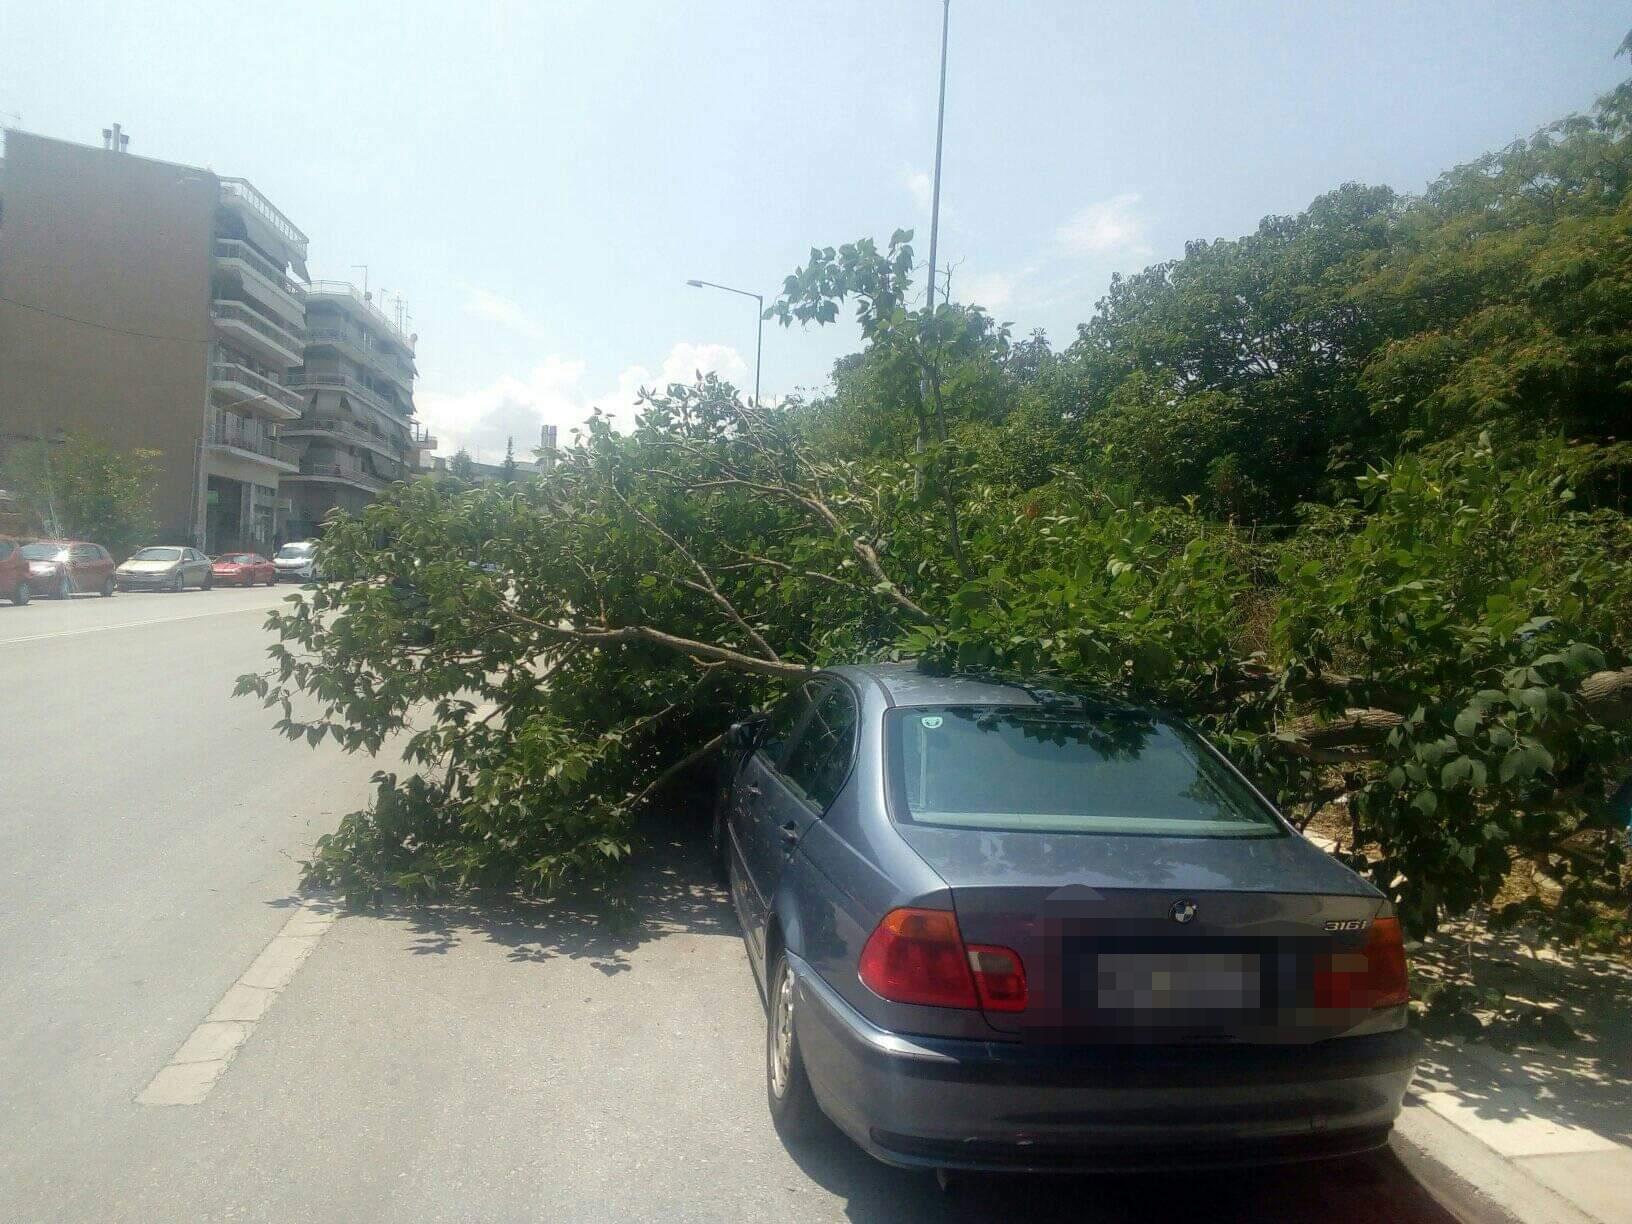 Λάρισα: Δέντρο έπεσε στα καλά καθούμενα πάνω σε αυτοκίνητα - ΦΩΤΟ